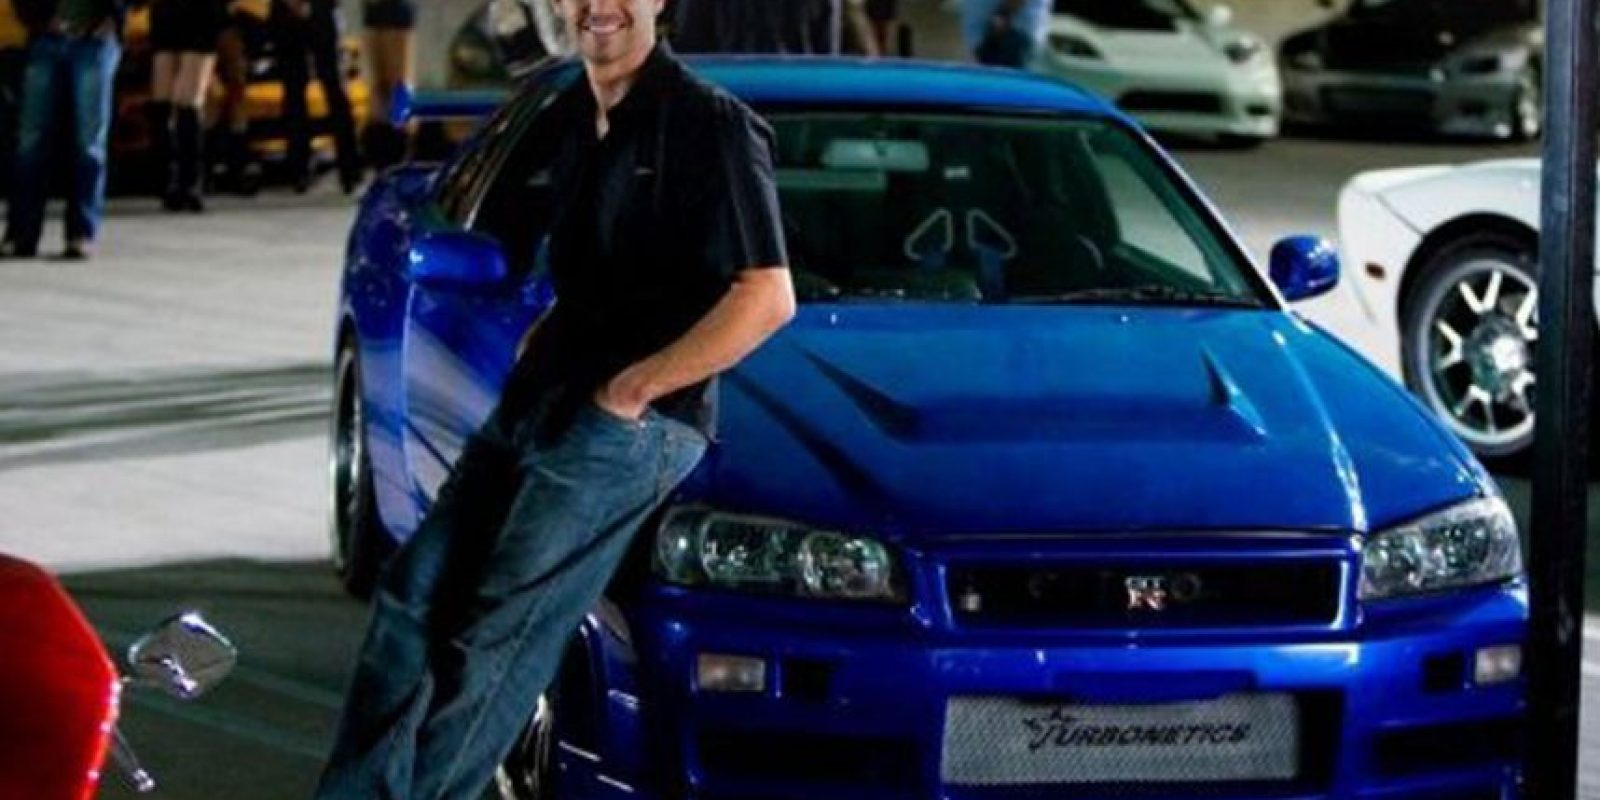 Su pasión se pudo ver en la segunda película, cuando él mismo customizó su Nissan Skyline. Foto:Universal